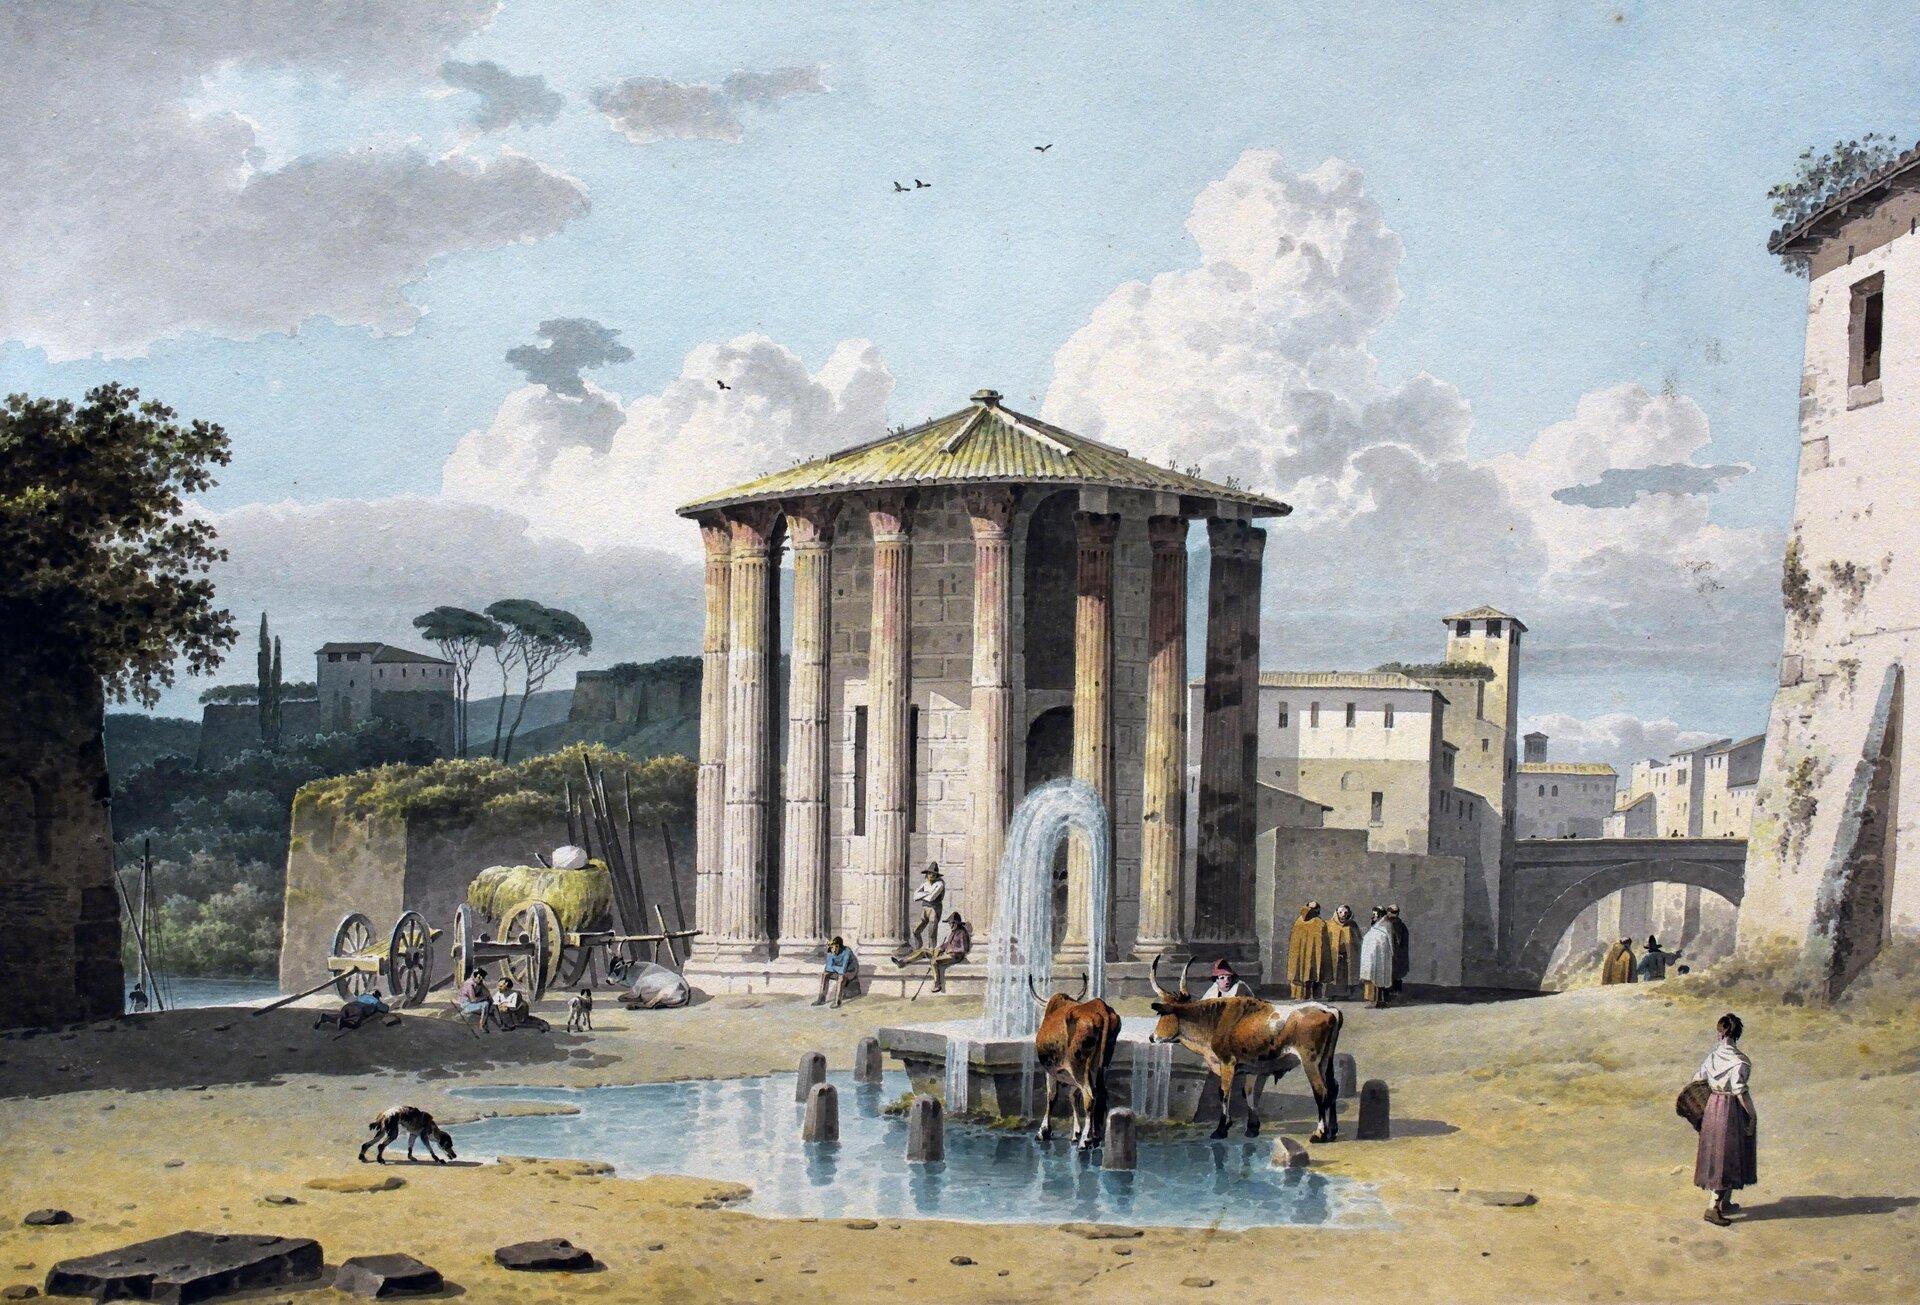 """Obraz Josephusa Augustusa Knipa przedstawia pracę pt. """"Świątynia Westy wRzymie"""", na którym zaprezentowano ludność miejską oraz zwierzęta nieopodal świątyni Westy. Na pierwszym planie widoczne są dwie krowy oraz pies, pijące wodę zfontanny oraz kobieta, która przygląda się zwierzętom. Na drugim planie widoczne są dwa wozy, wtym jeden zsianem. Dookoła świątyni Westy znajdują się odpoczywający pod kolumnadą rolnicy. Obok budynku znajdują się ubrani wpłaszcze rozmawiający ze sobą ludzie. Wtle widoczne jest miasto, drzewa, oraz para mieszkańców spacerująca ulicami. Zlewej strony obrazu widoczne są ciemne chmury."""